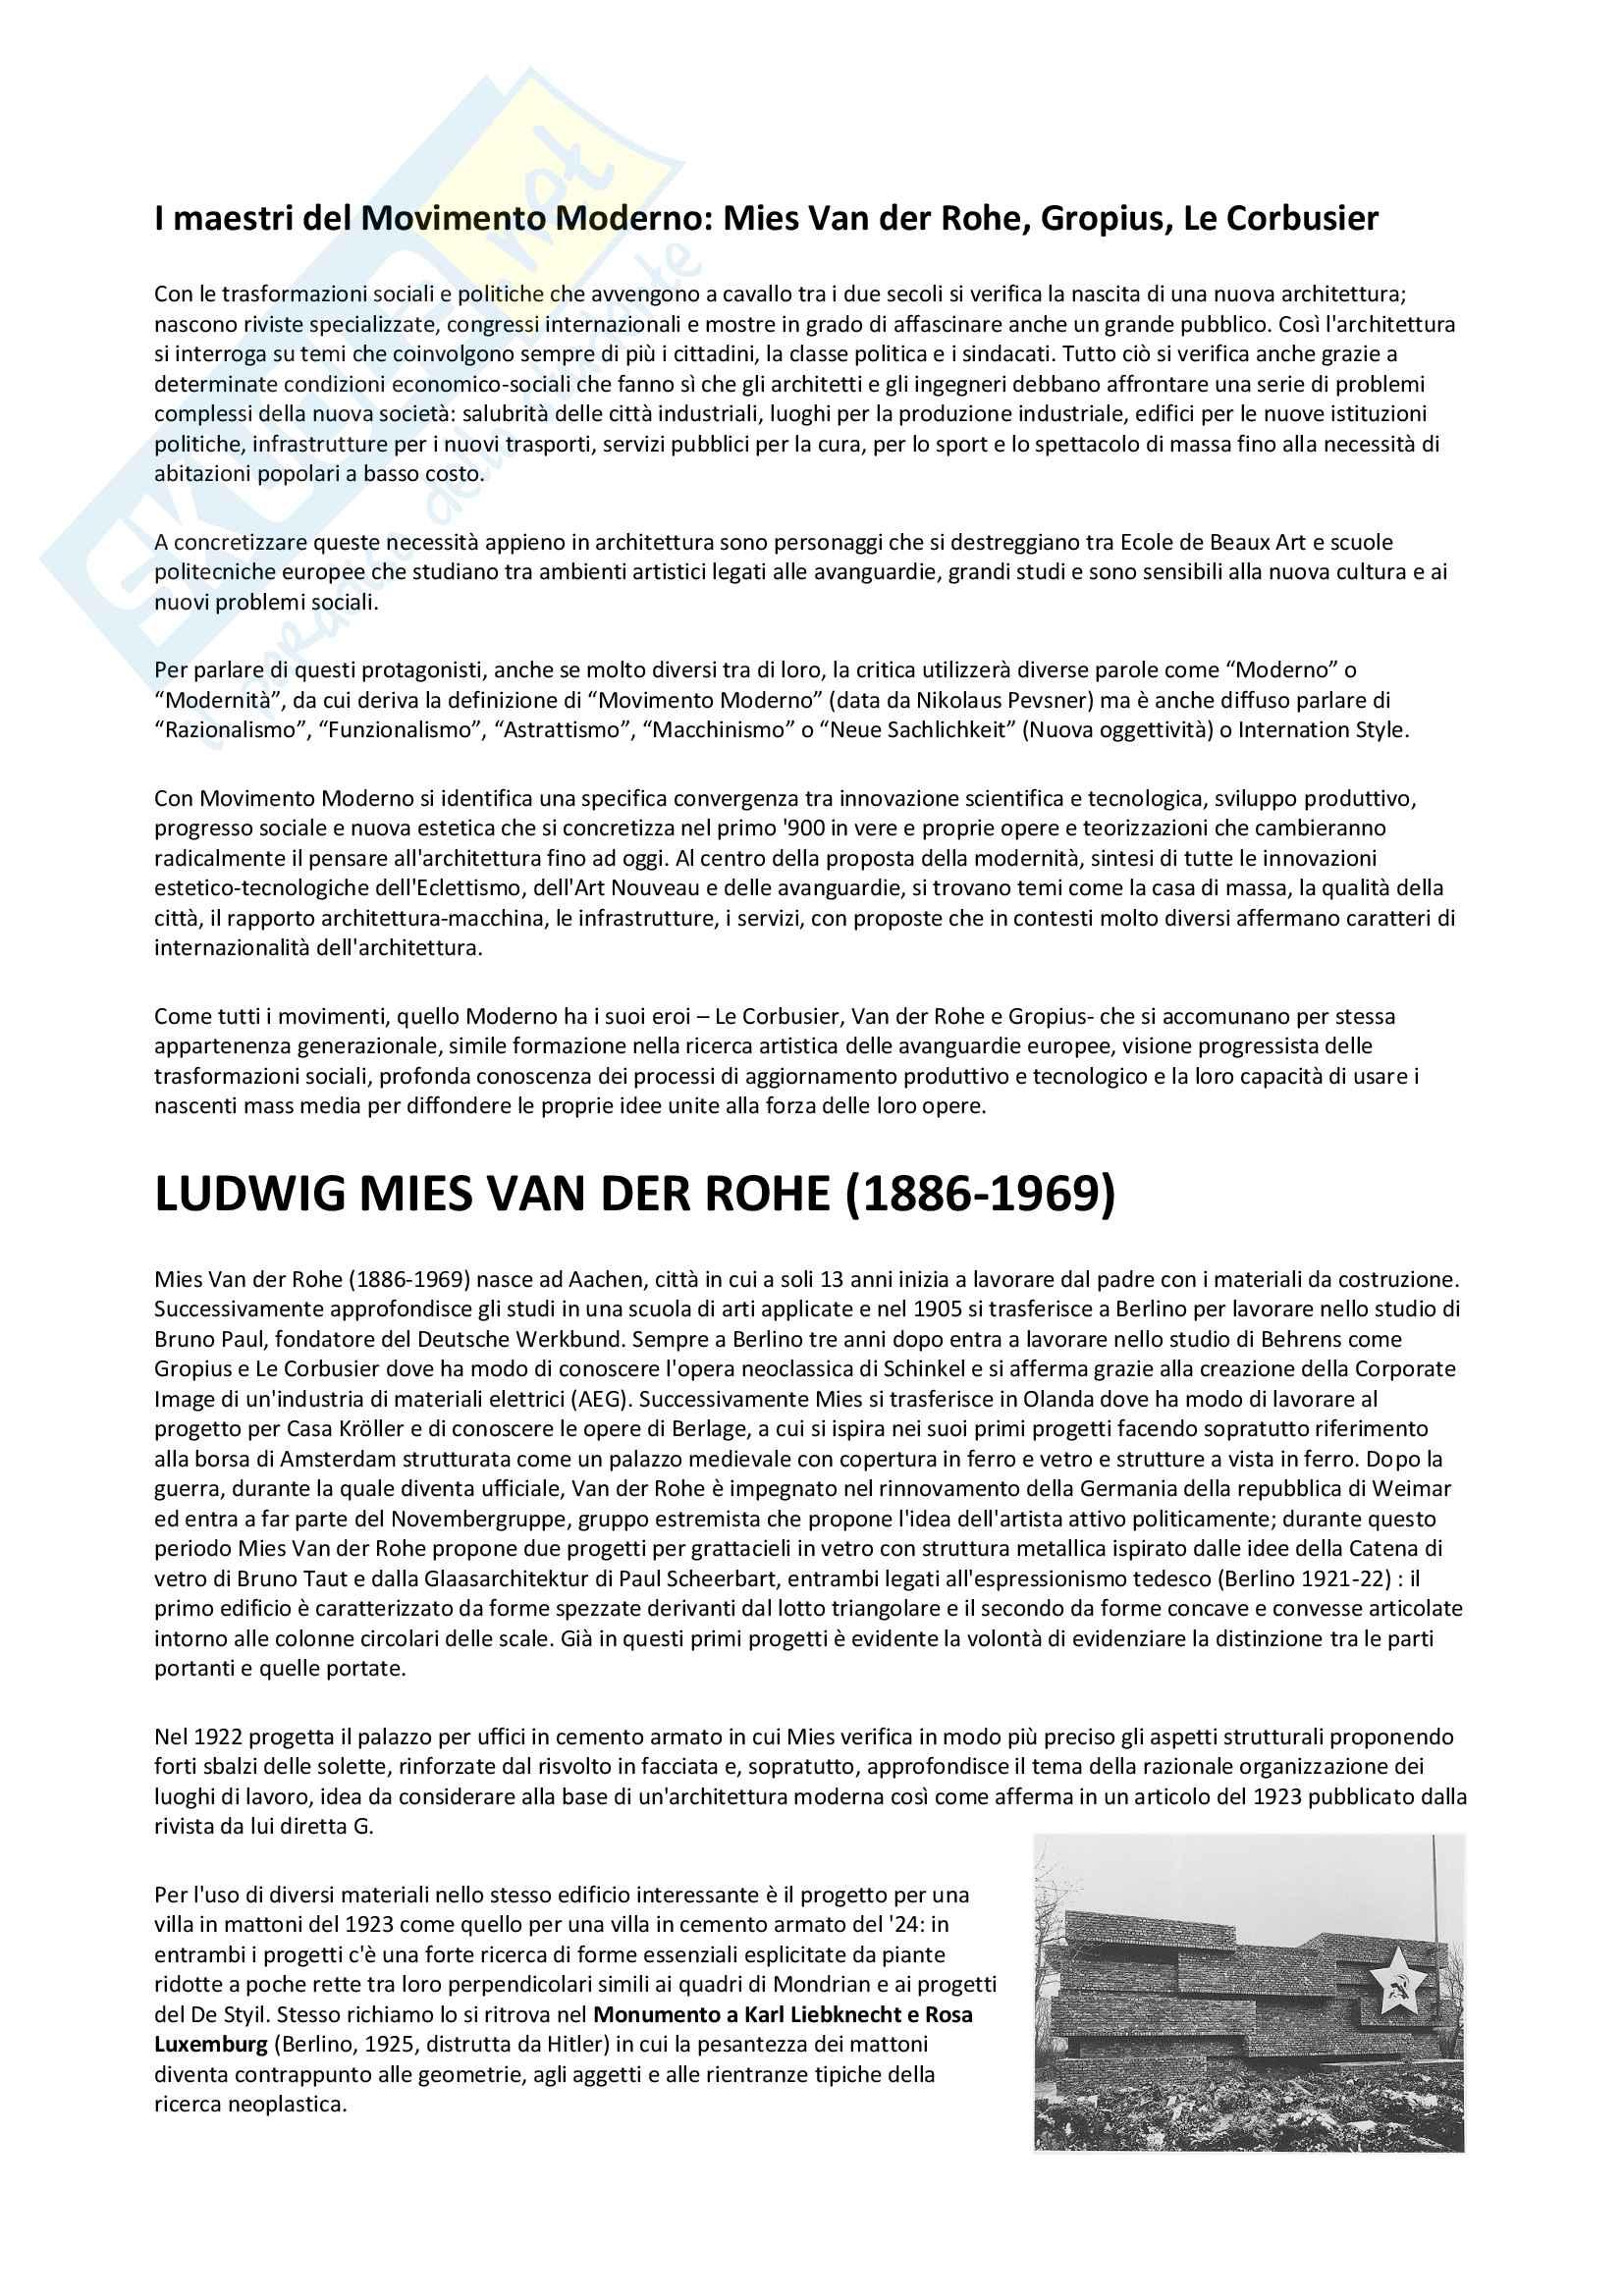 I maestri del Movimento Moderno: Le Corbusier, Van Der Rohe, Gropius